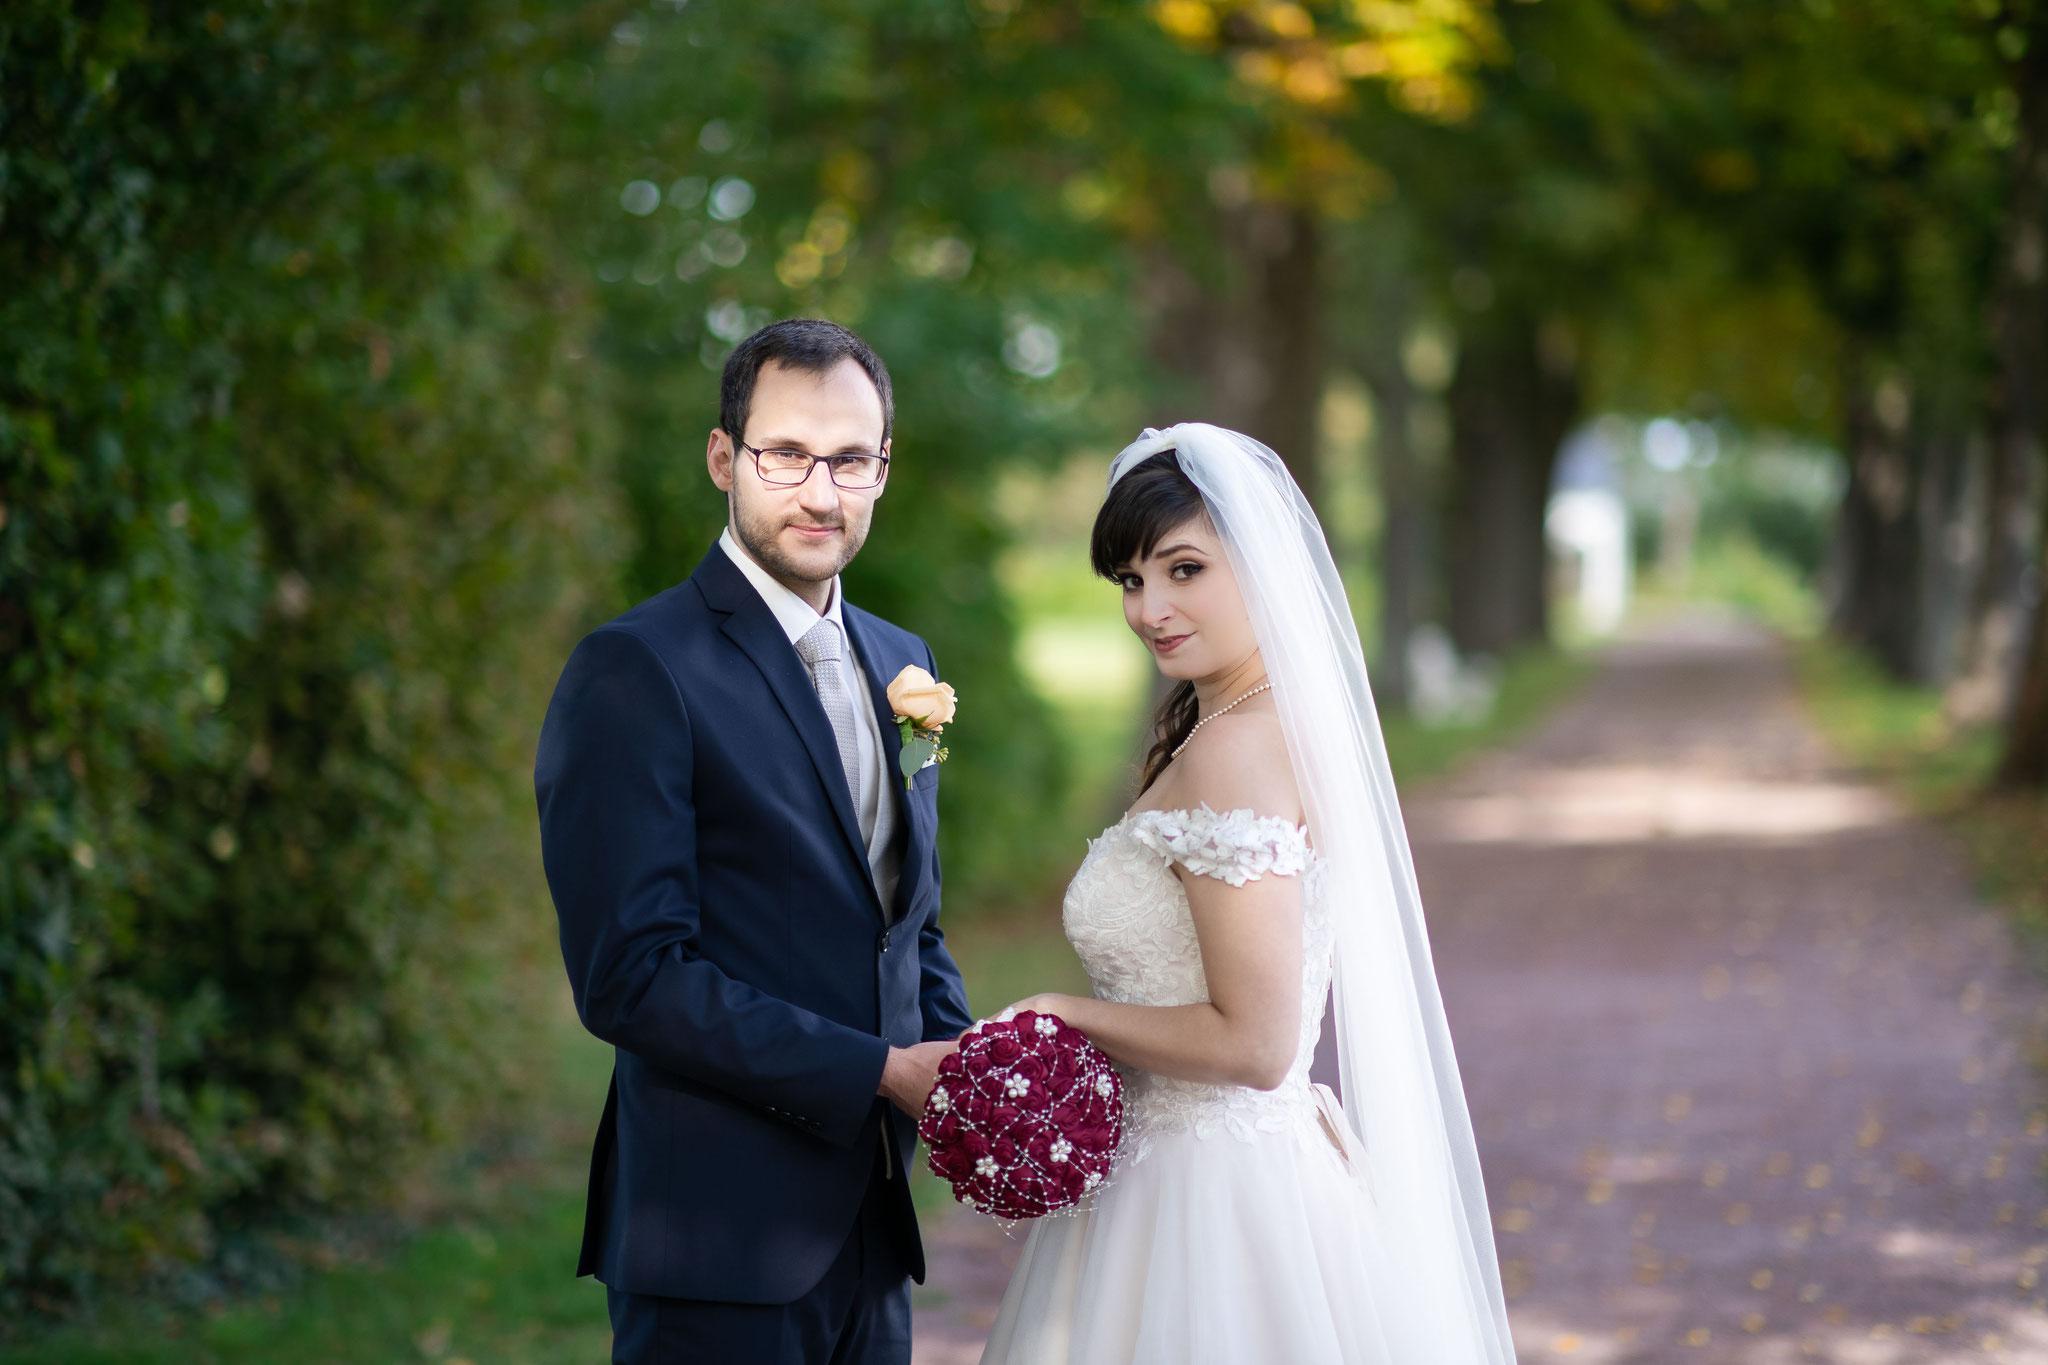 Fotos und Videos beim Brautpaarshooting im Garten von Schloss Braunshardt in Weiterstadt